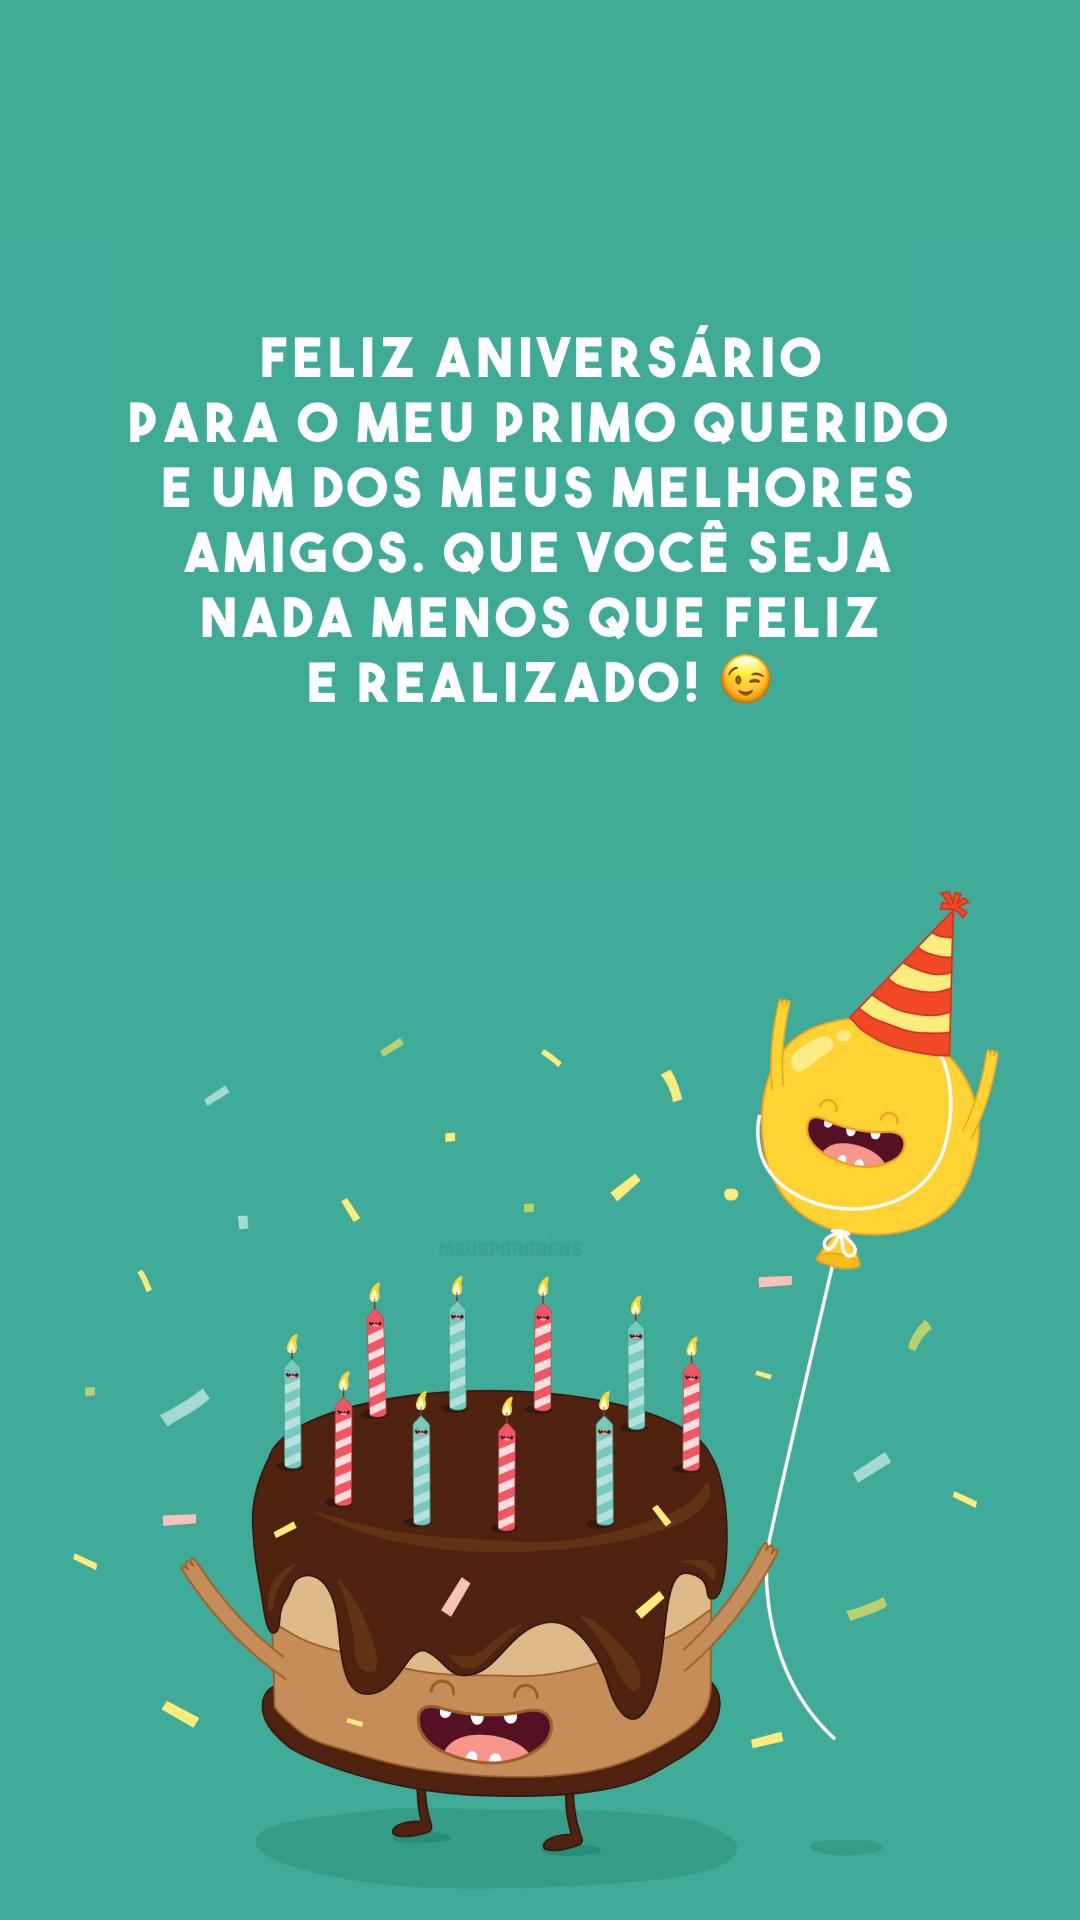 Feliz aniversário para o meu primo querido e um dos meus melhores amigos. Que você seja nada menos que feliz e realizado! 😉